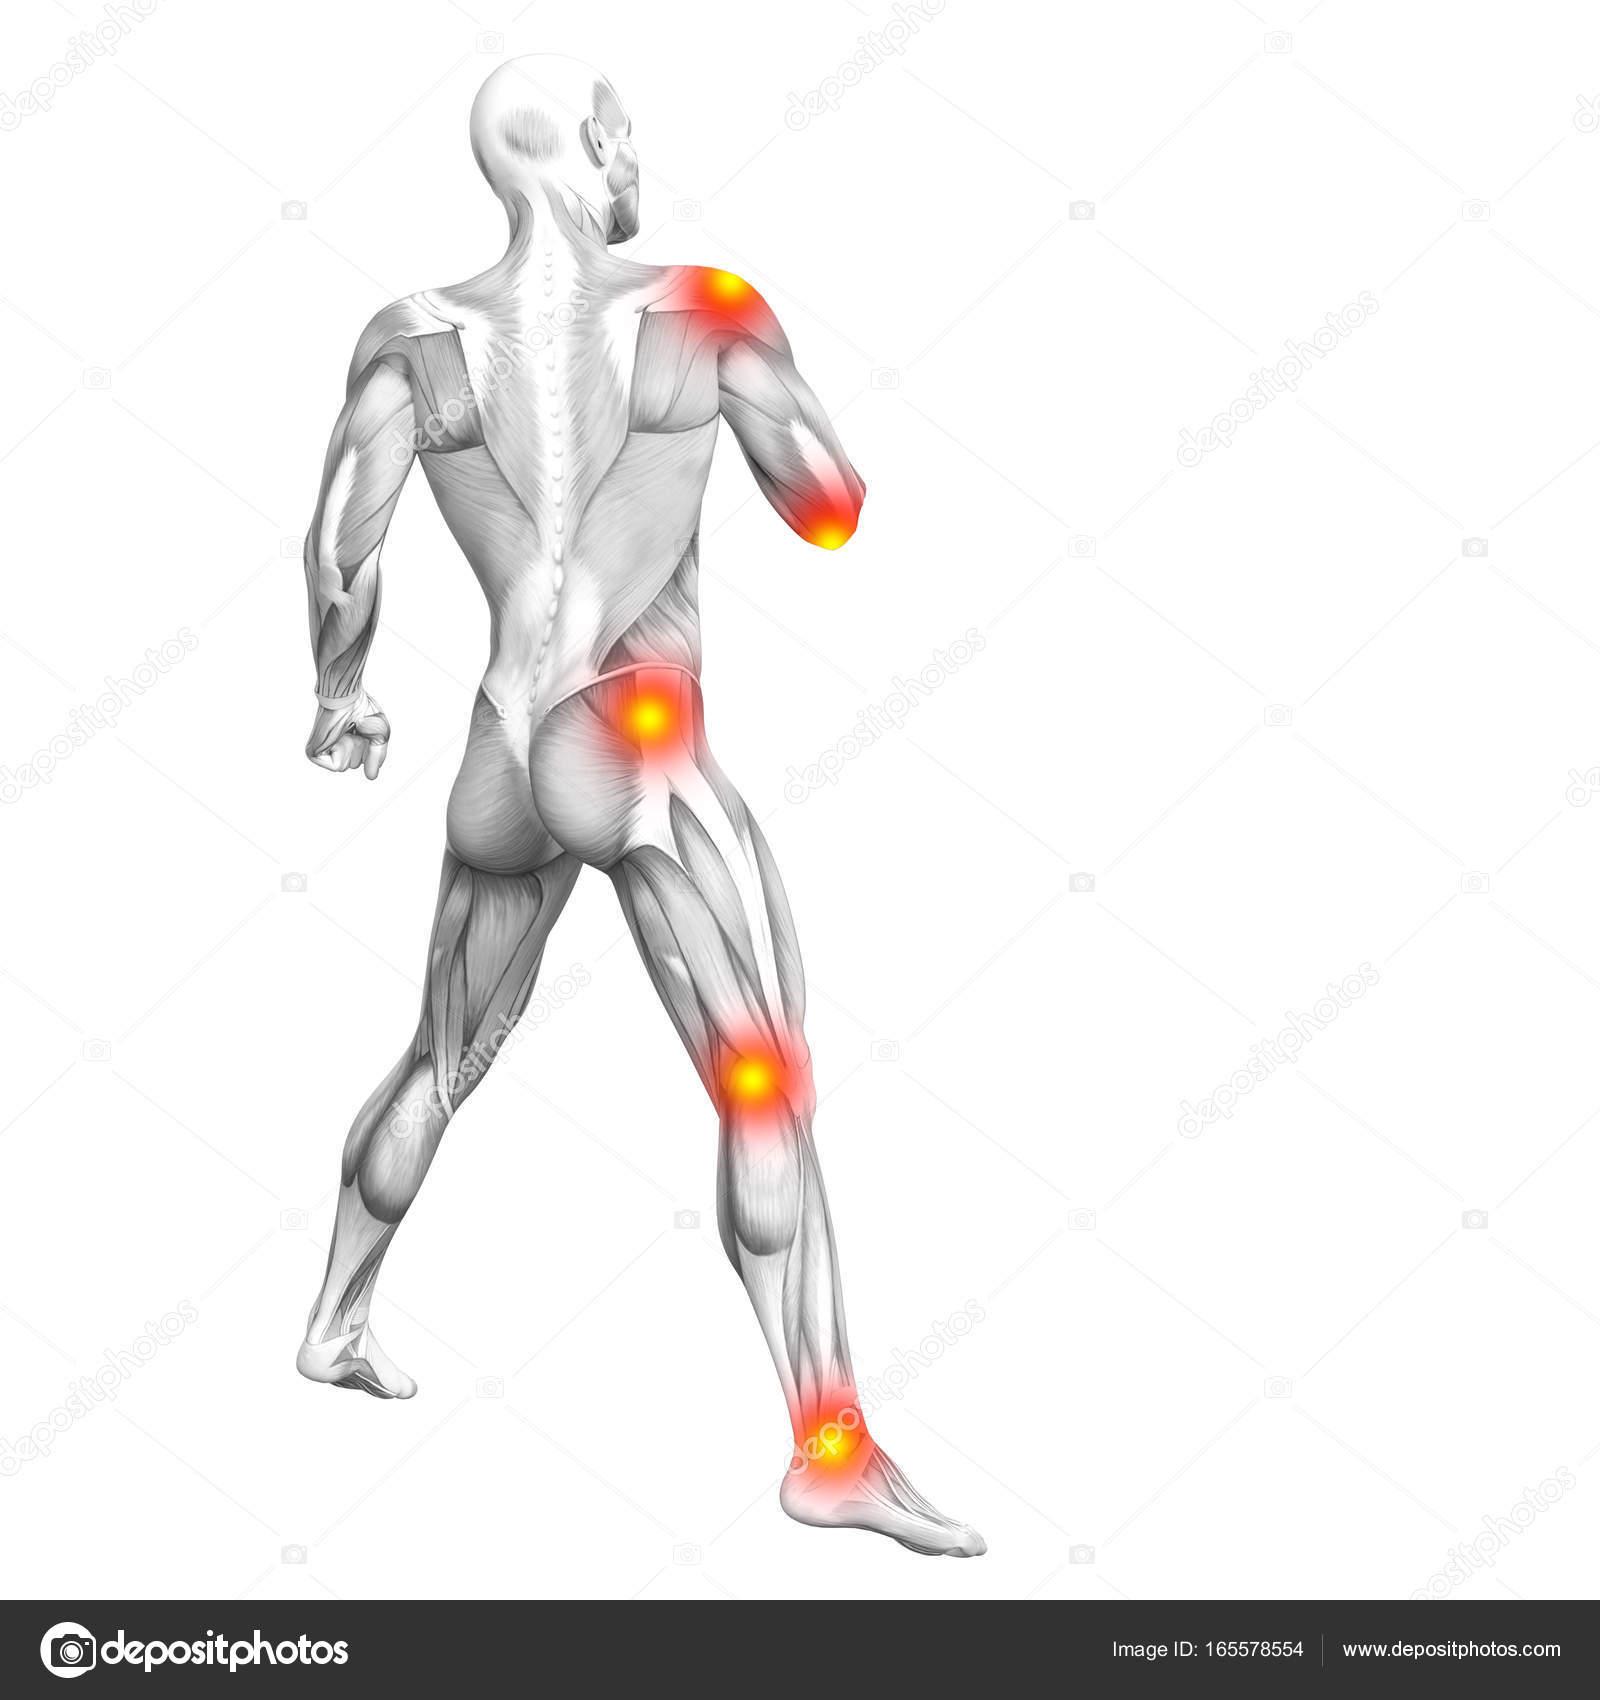 Болезнь спортсменов суставы выбитый сустав руке